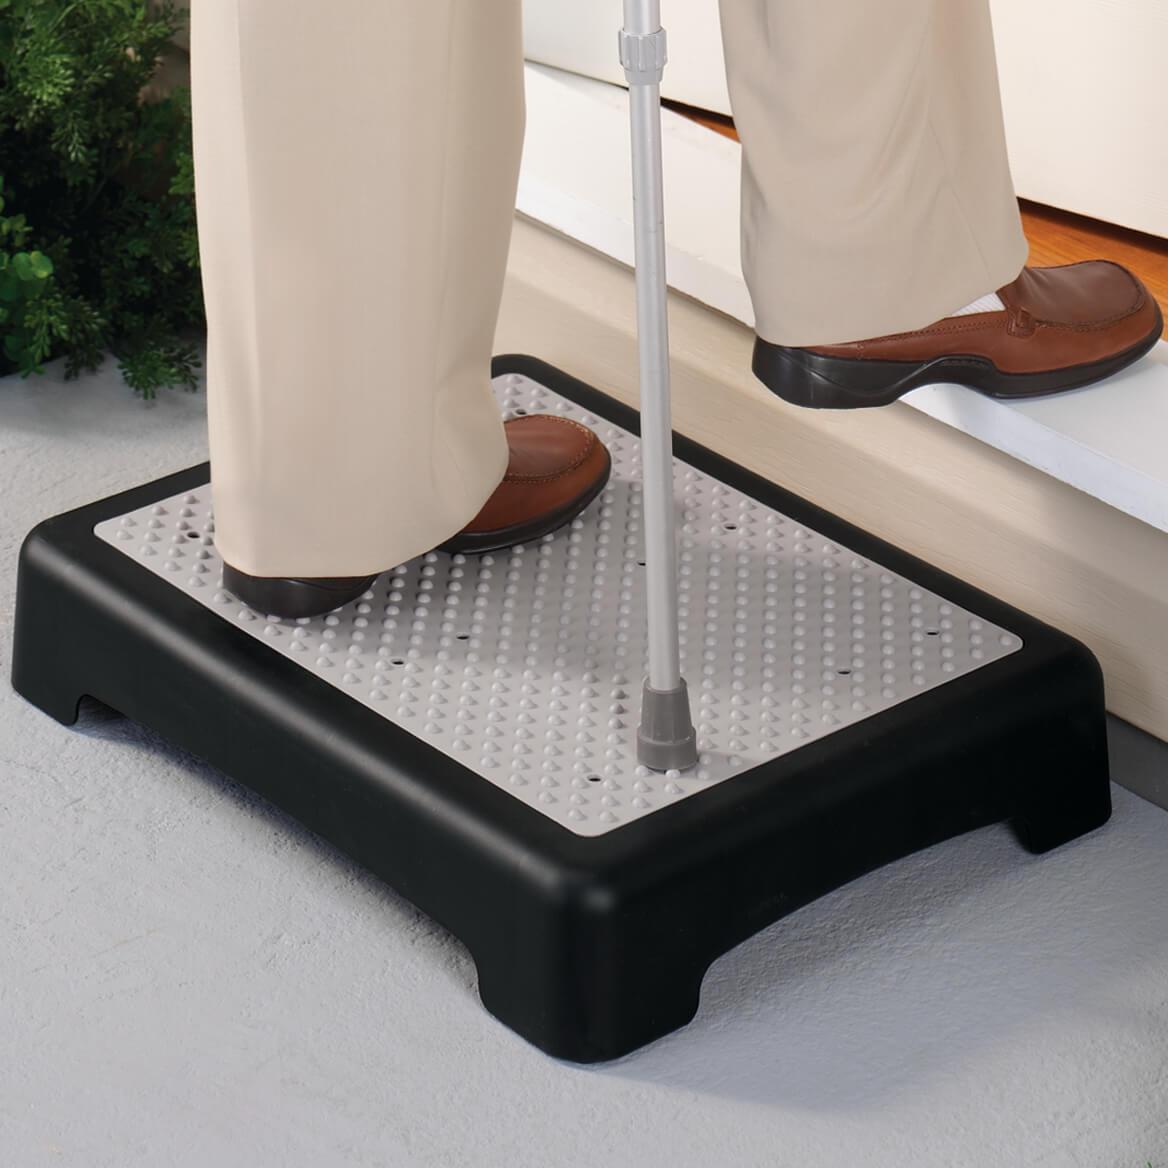 Outdoor Help Step-338119